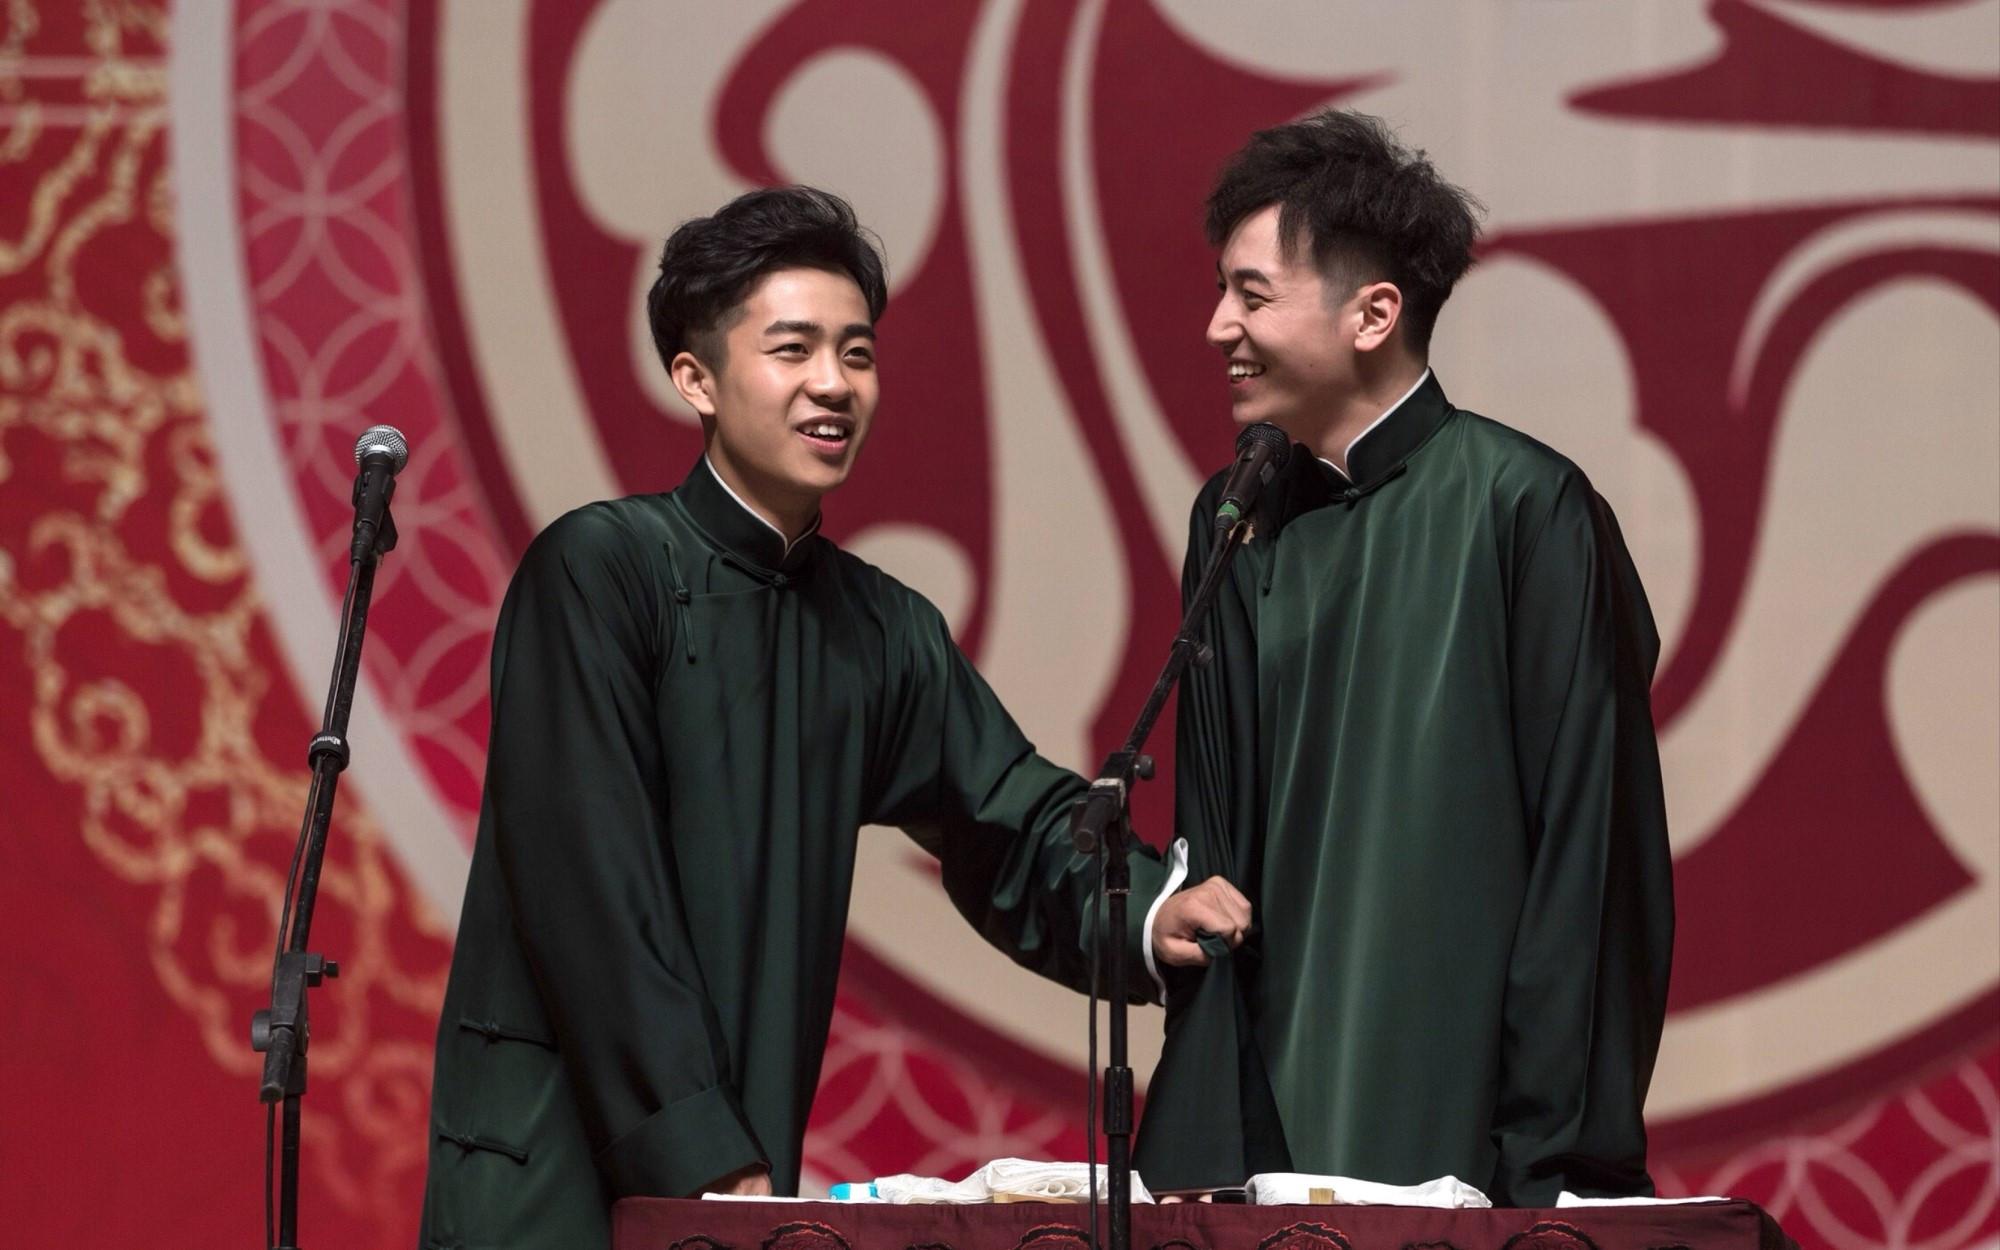 2019张九龄王九龙苏州相声专场时间地点、门票价格、演出详情